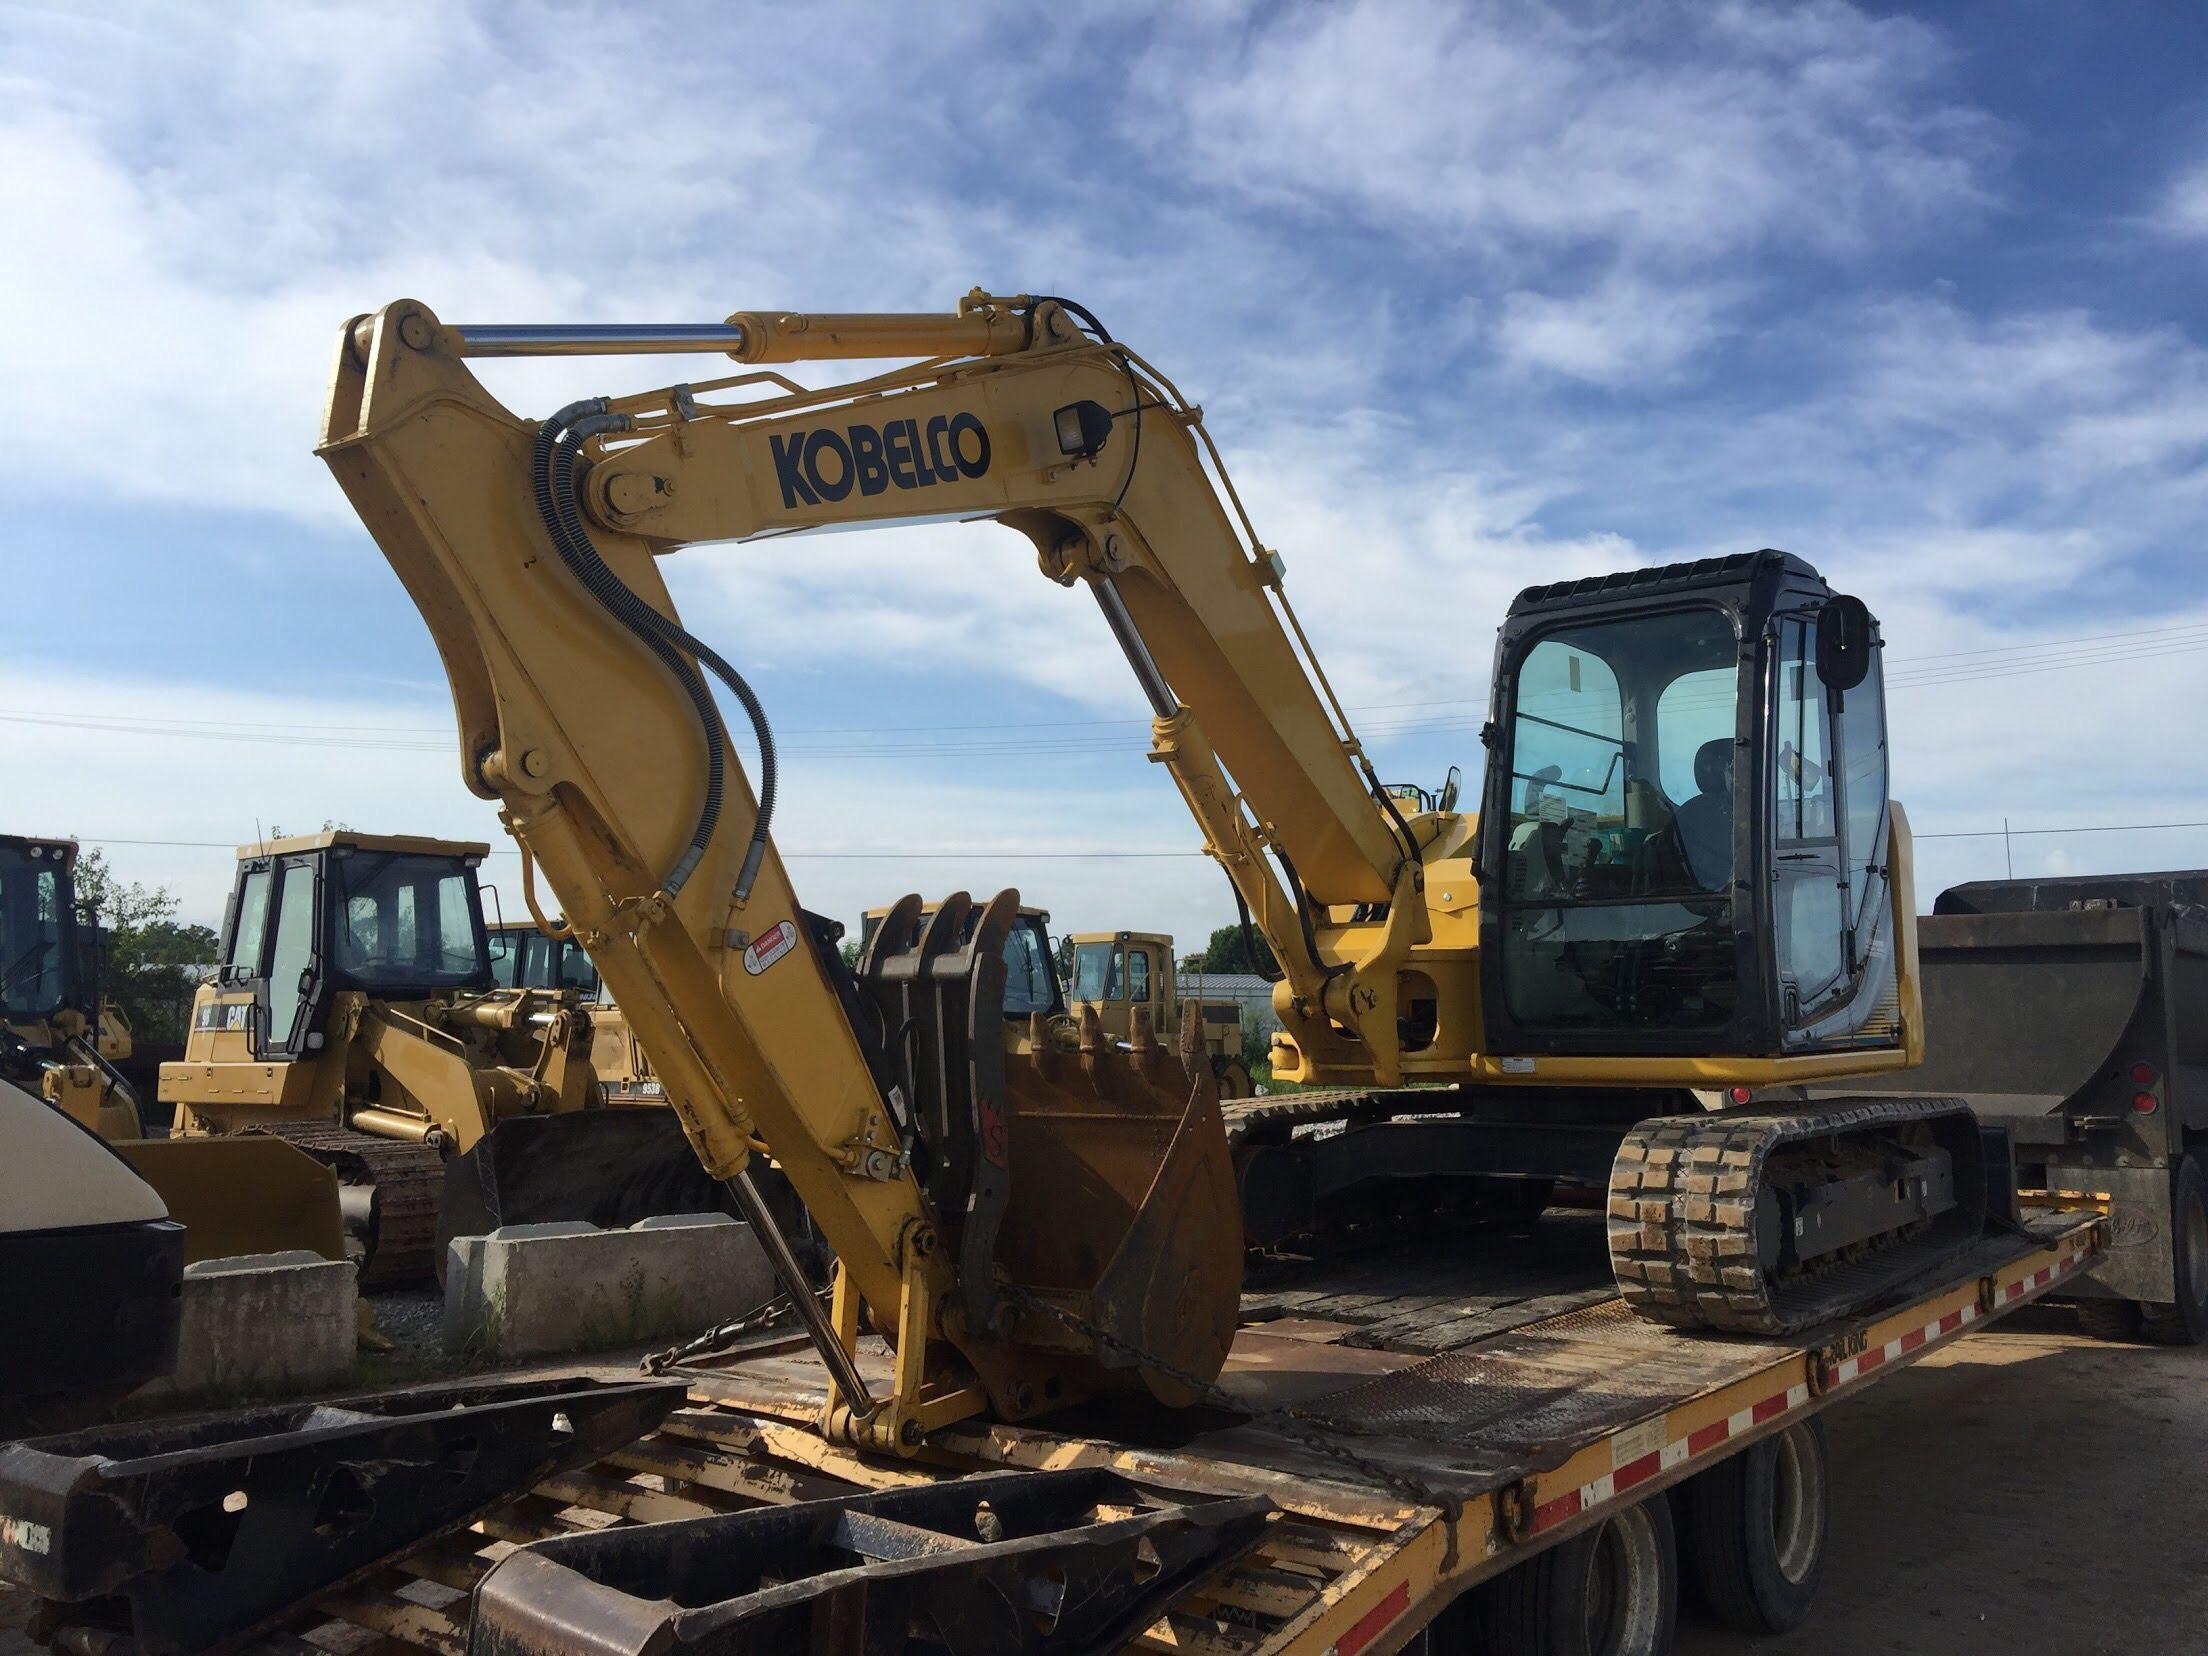 Hayden Machinery is your Kobelco Excavator dealer in